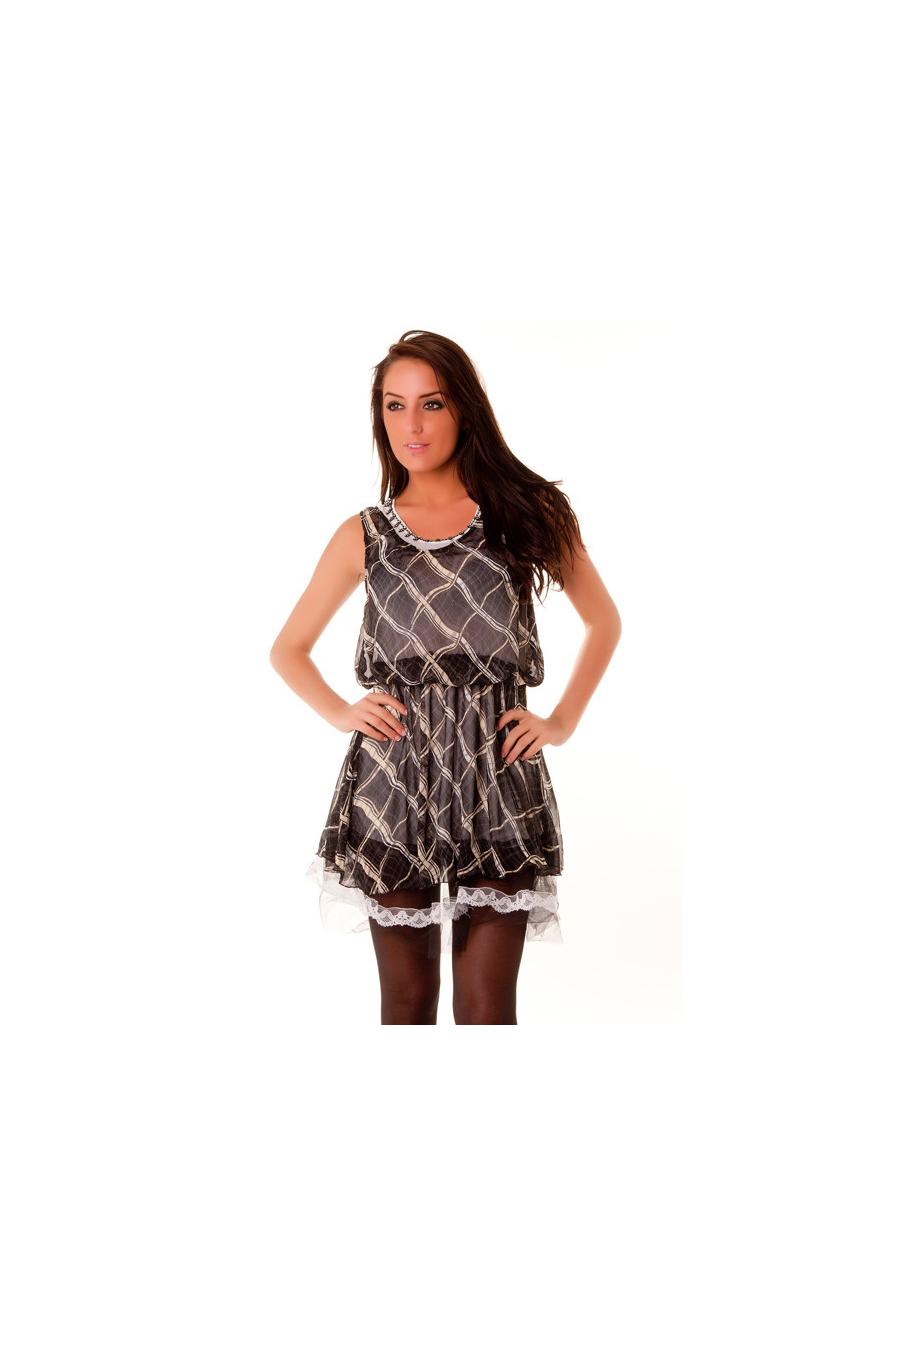 Jolie robe blanc/noir/noire dans l'esprit danseuse, ballerine. Tendance 2012. 83206